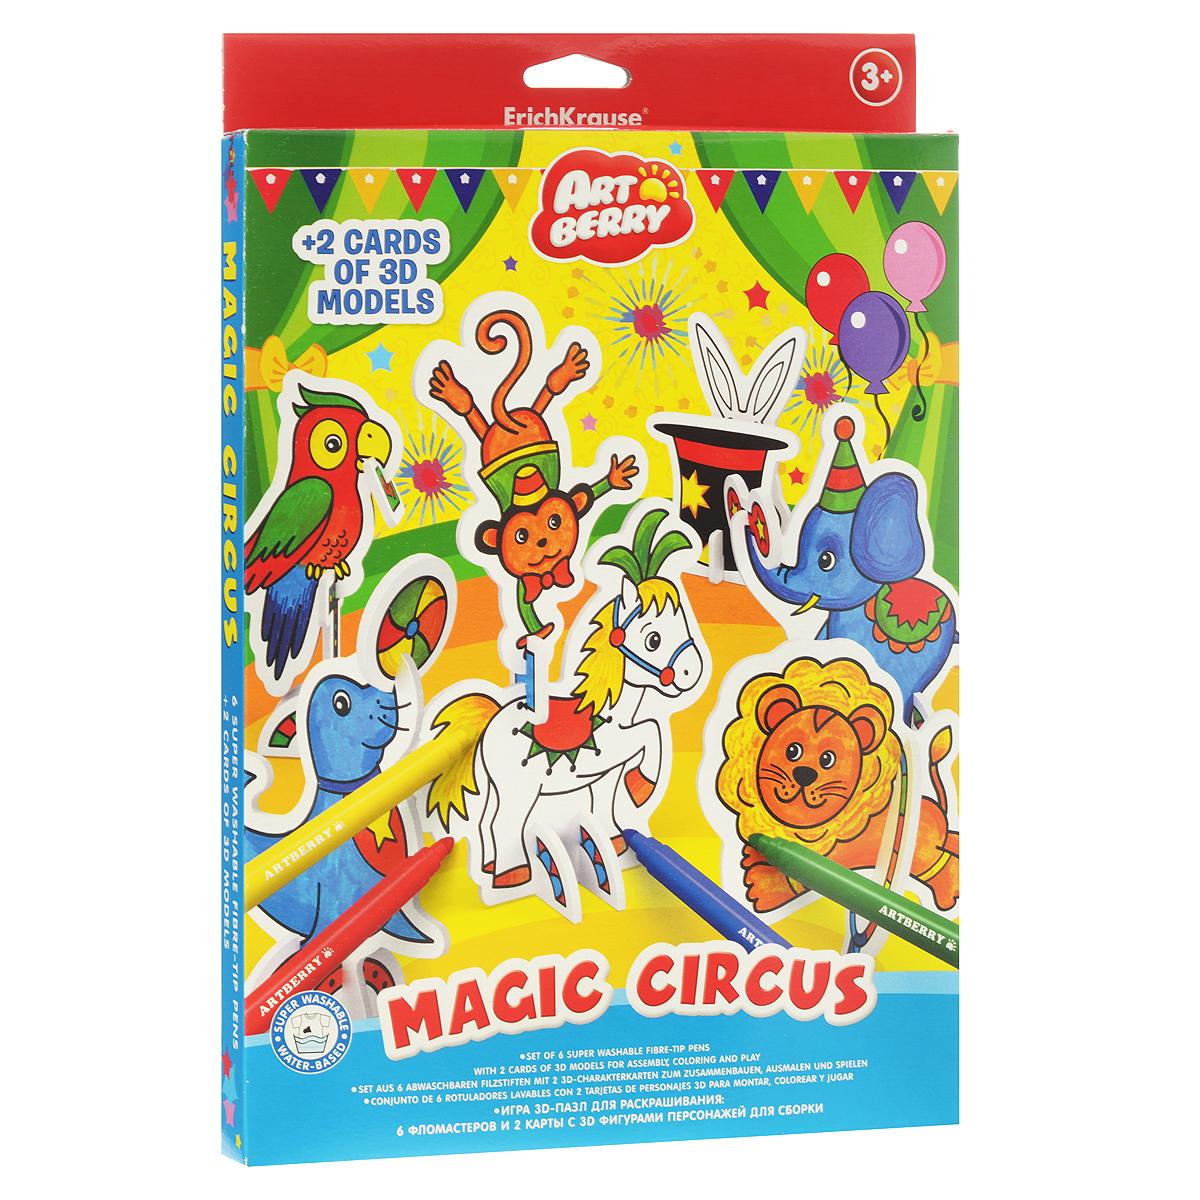 Набор для раскрашивания 3D-фигурок Artberry Magic Circus37299Набор для раскрашивания 3D-фигурок Artberry Magic Circus поможет вашему маленькому художнику раскрыть свой талант. При помощи этого набора ребенок сможет своими руками раскрасить и собрать 3D-фигурки в виде цирковых зверей. Набор включает в себя 6 фломастеров разных цветов (желтый, красный, оранжевый, зеленый, синий, фиолетовый) с широкими наконечниками для быстрого раскрашивания, 2 карты - шаблоны с 3D-фигурками. Уникальная особенность фломастеров - чернила на водной основе, что позволяет без труда отстирать запачканную одежду с большинства тканей и бытовых поверхностей. Занятия с этим набором развивают мелкую моторику, фантазию и воображение ребенка, а готовые фигурки станут отличным украшением для детской комнаты. Порадуйте своего малыша таким великолепным подарком!